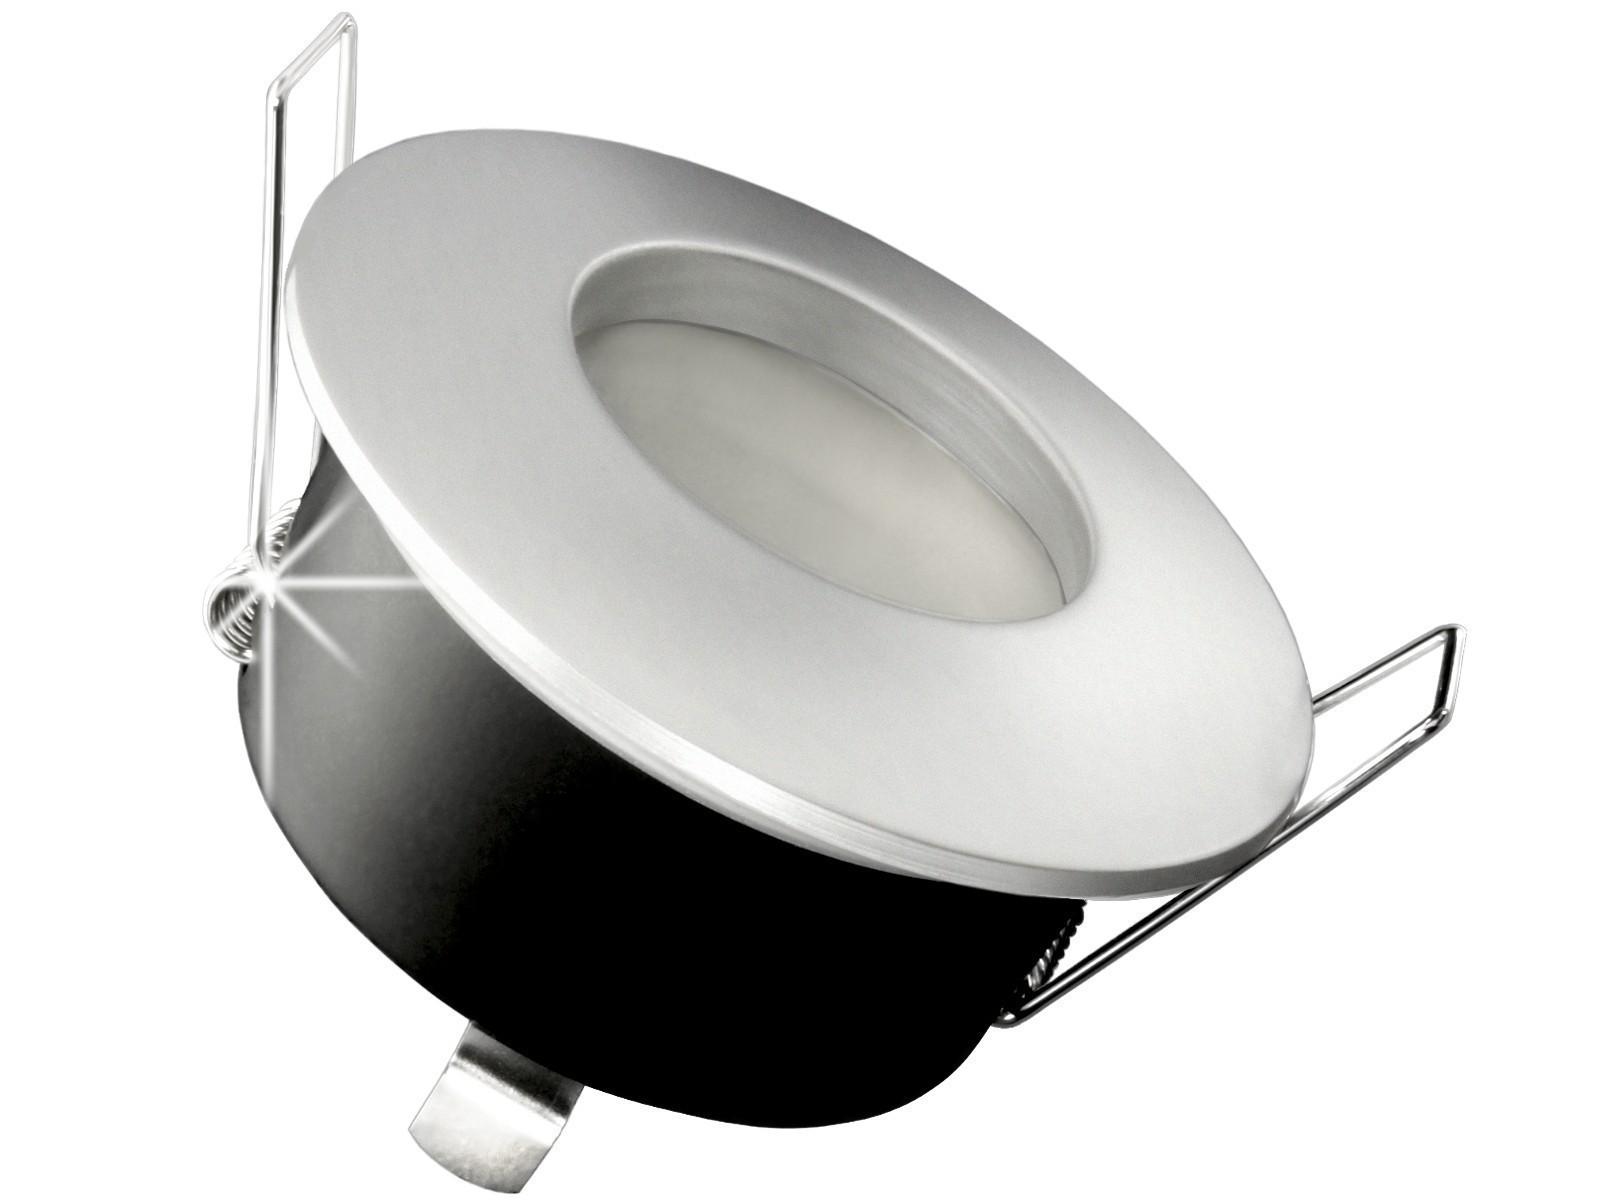 led spots in der dusche rw 1 led einbaustrahler spot bad dusche - Led Spots In Der Dusche